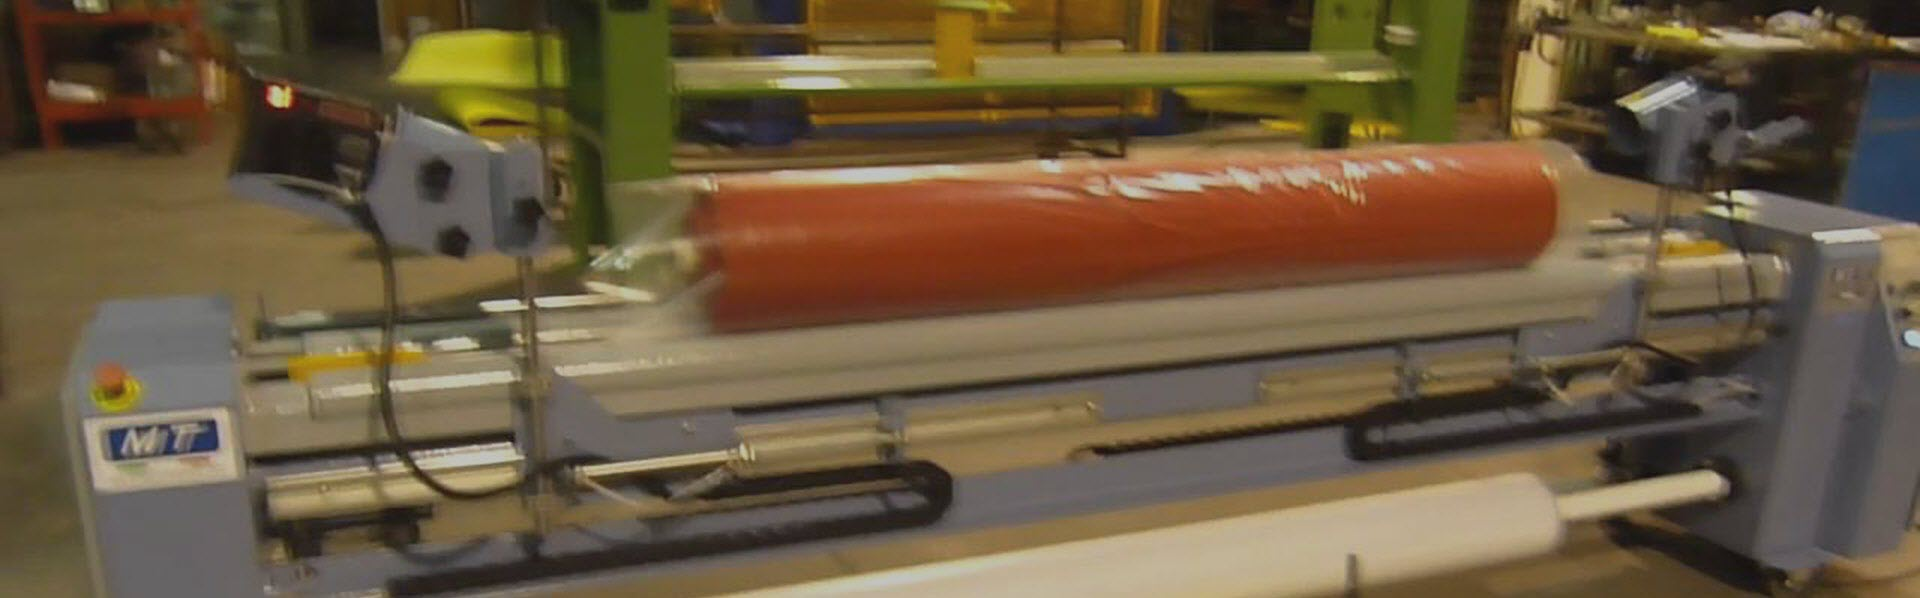 Maquinarias Textiles